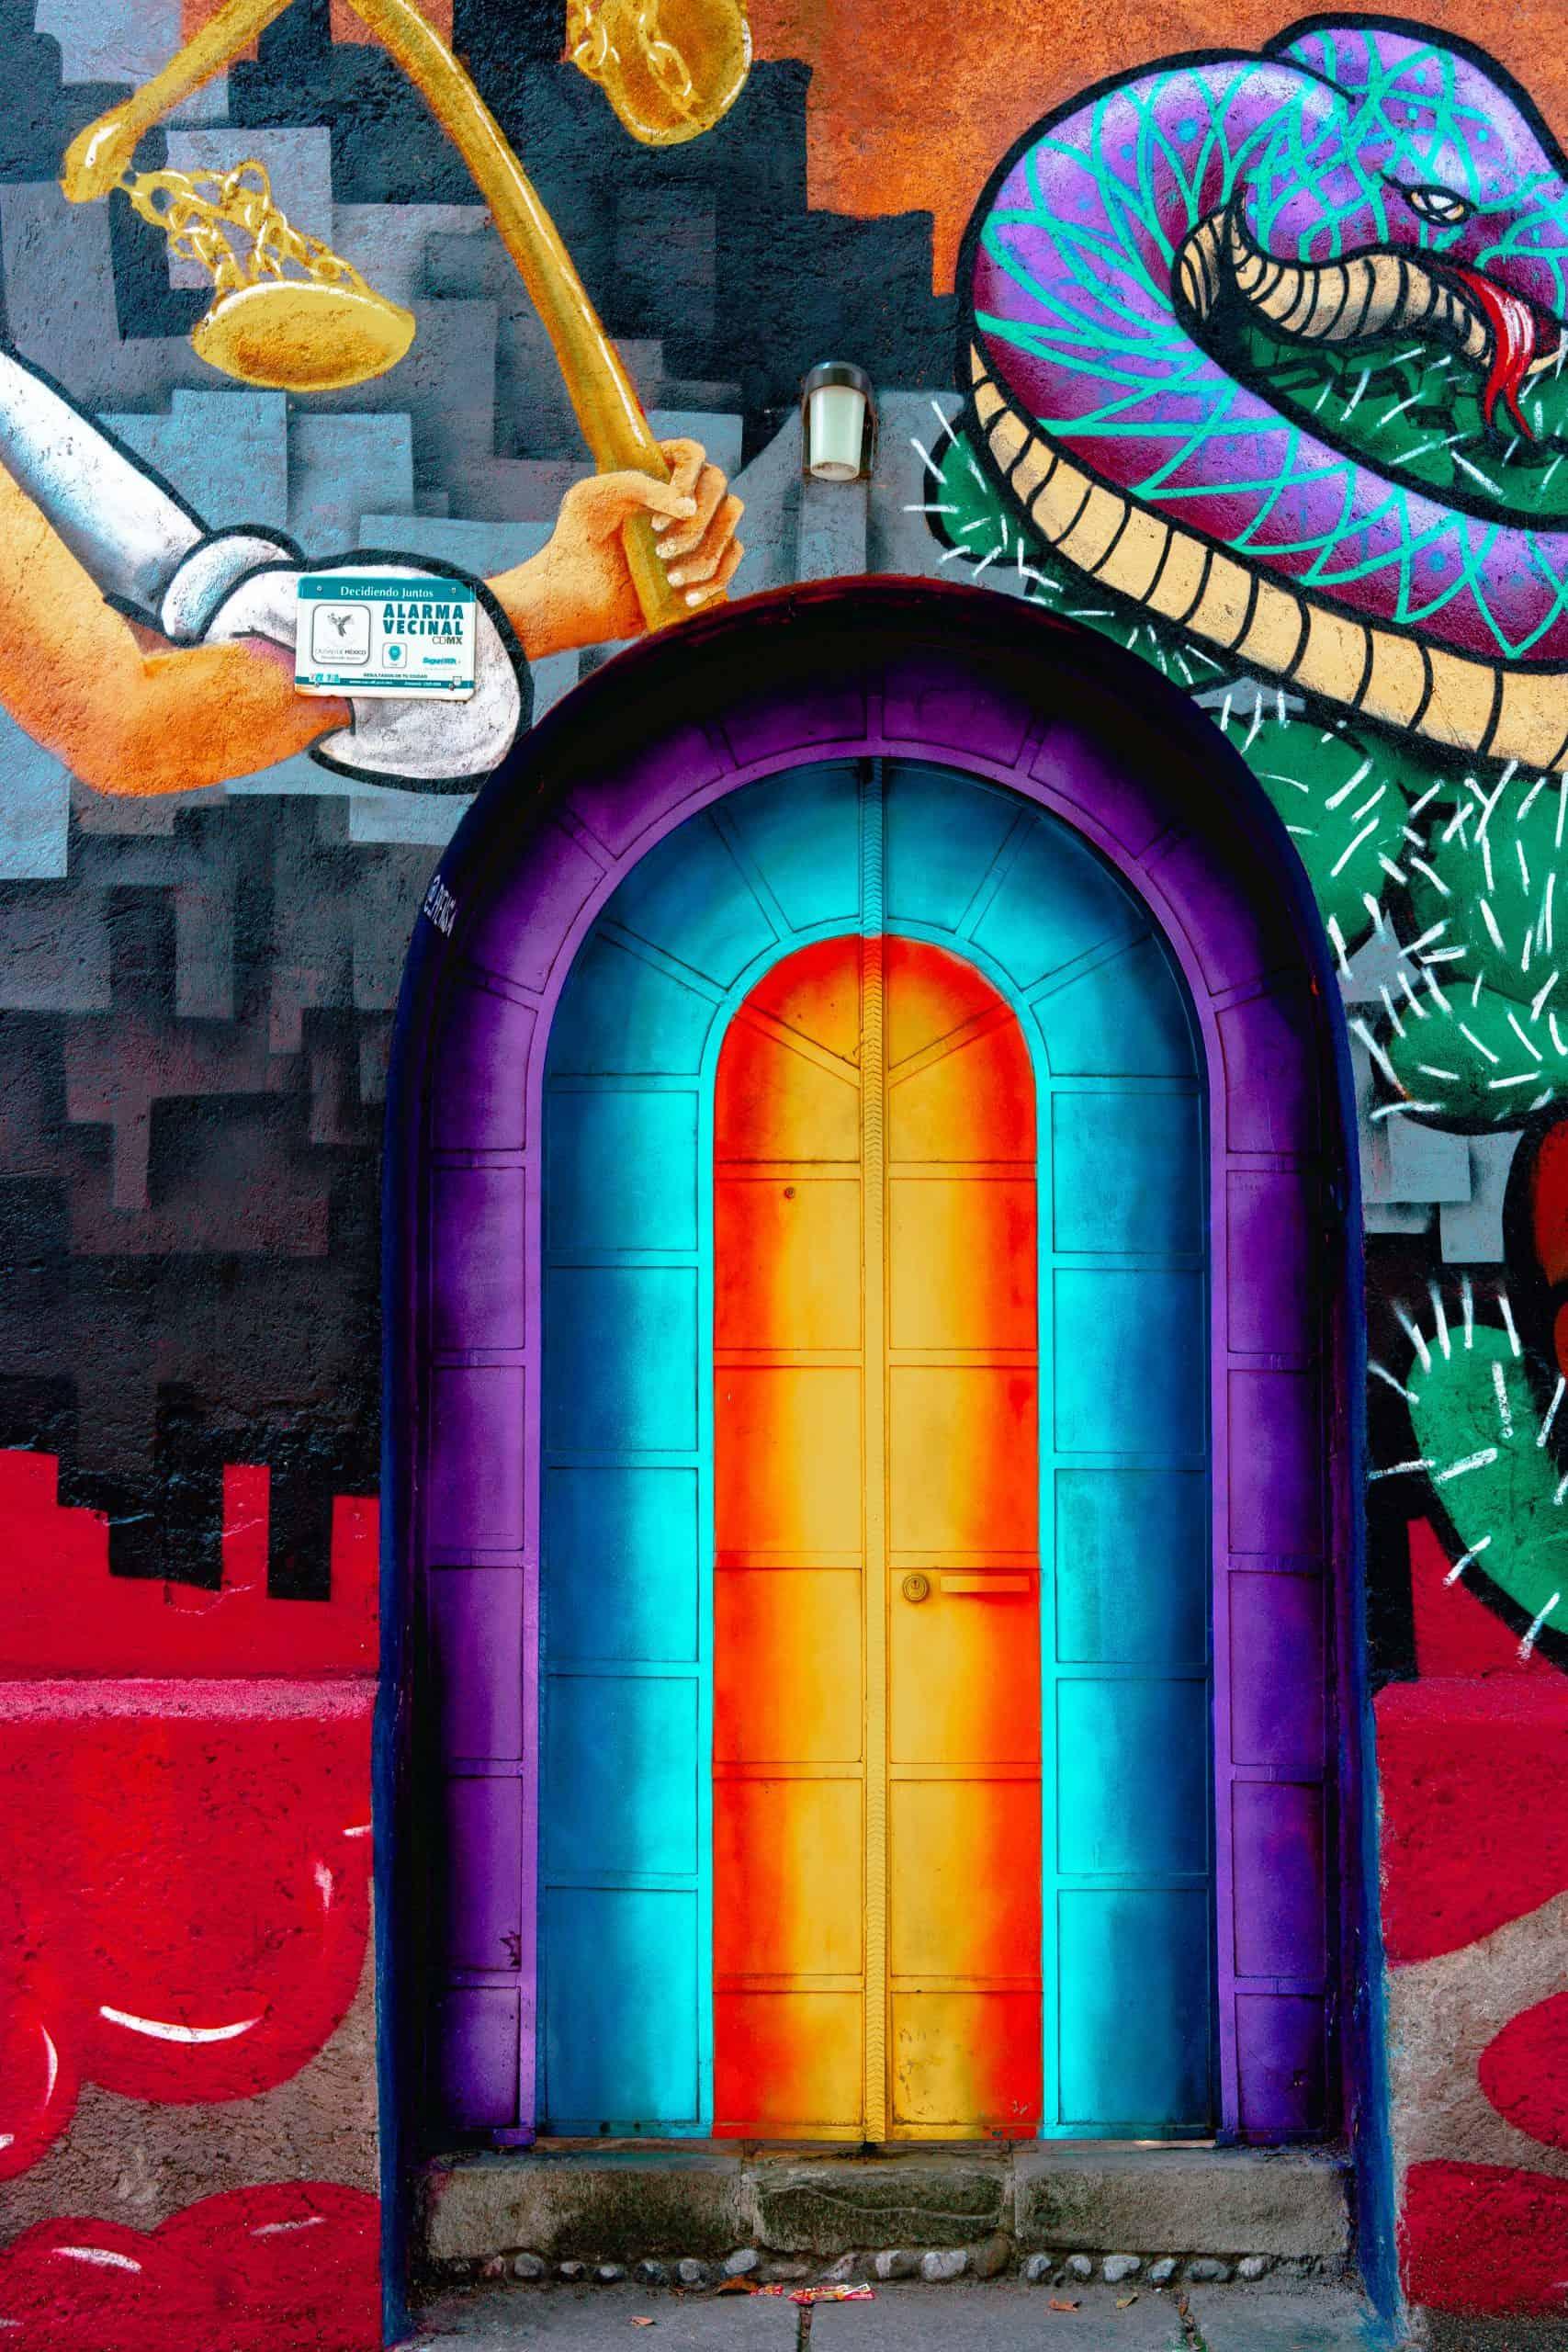 cocoyan street art mexixo city